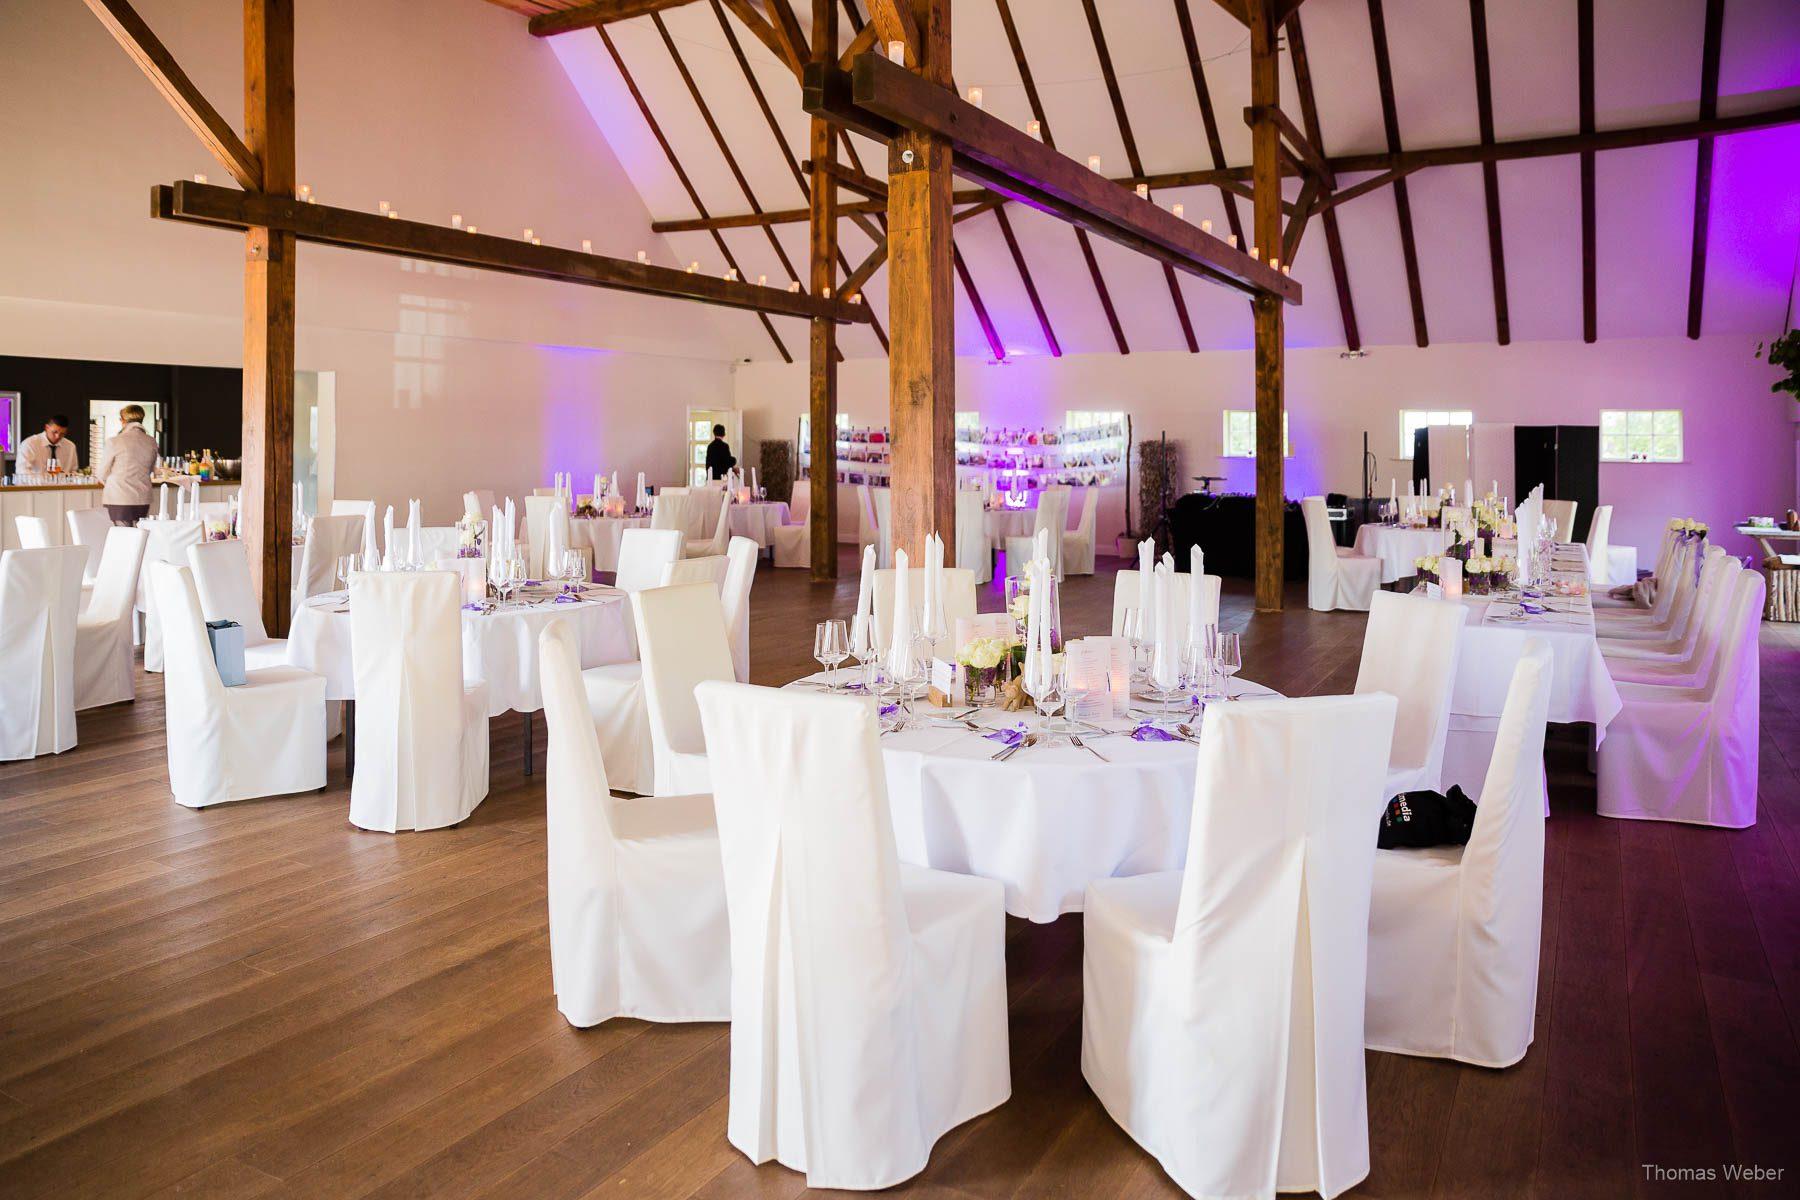 Hochzeitsfotograf in Rastede: Eventscheune St. Georg